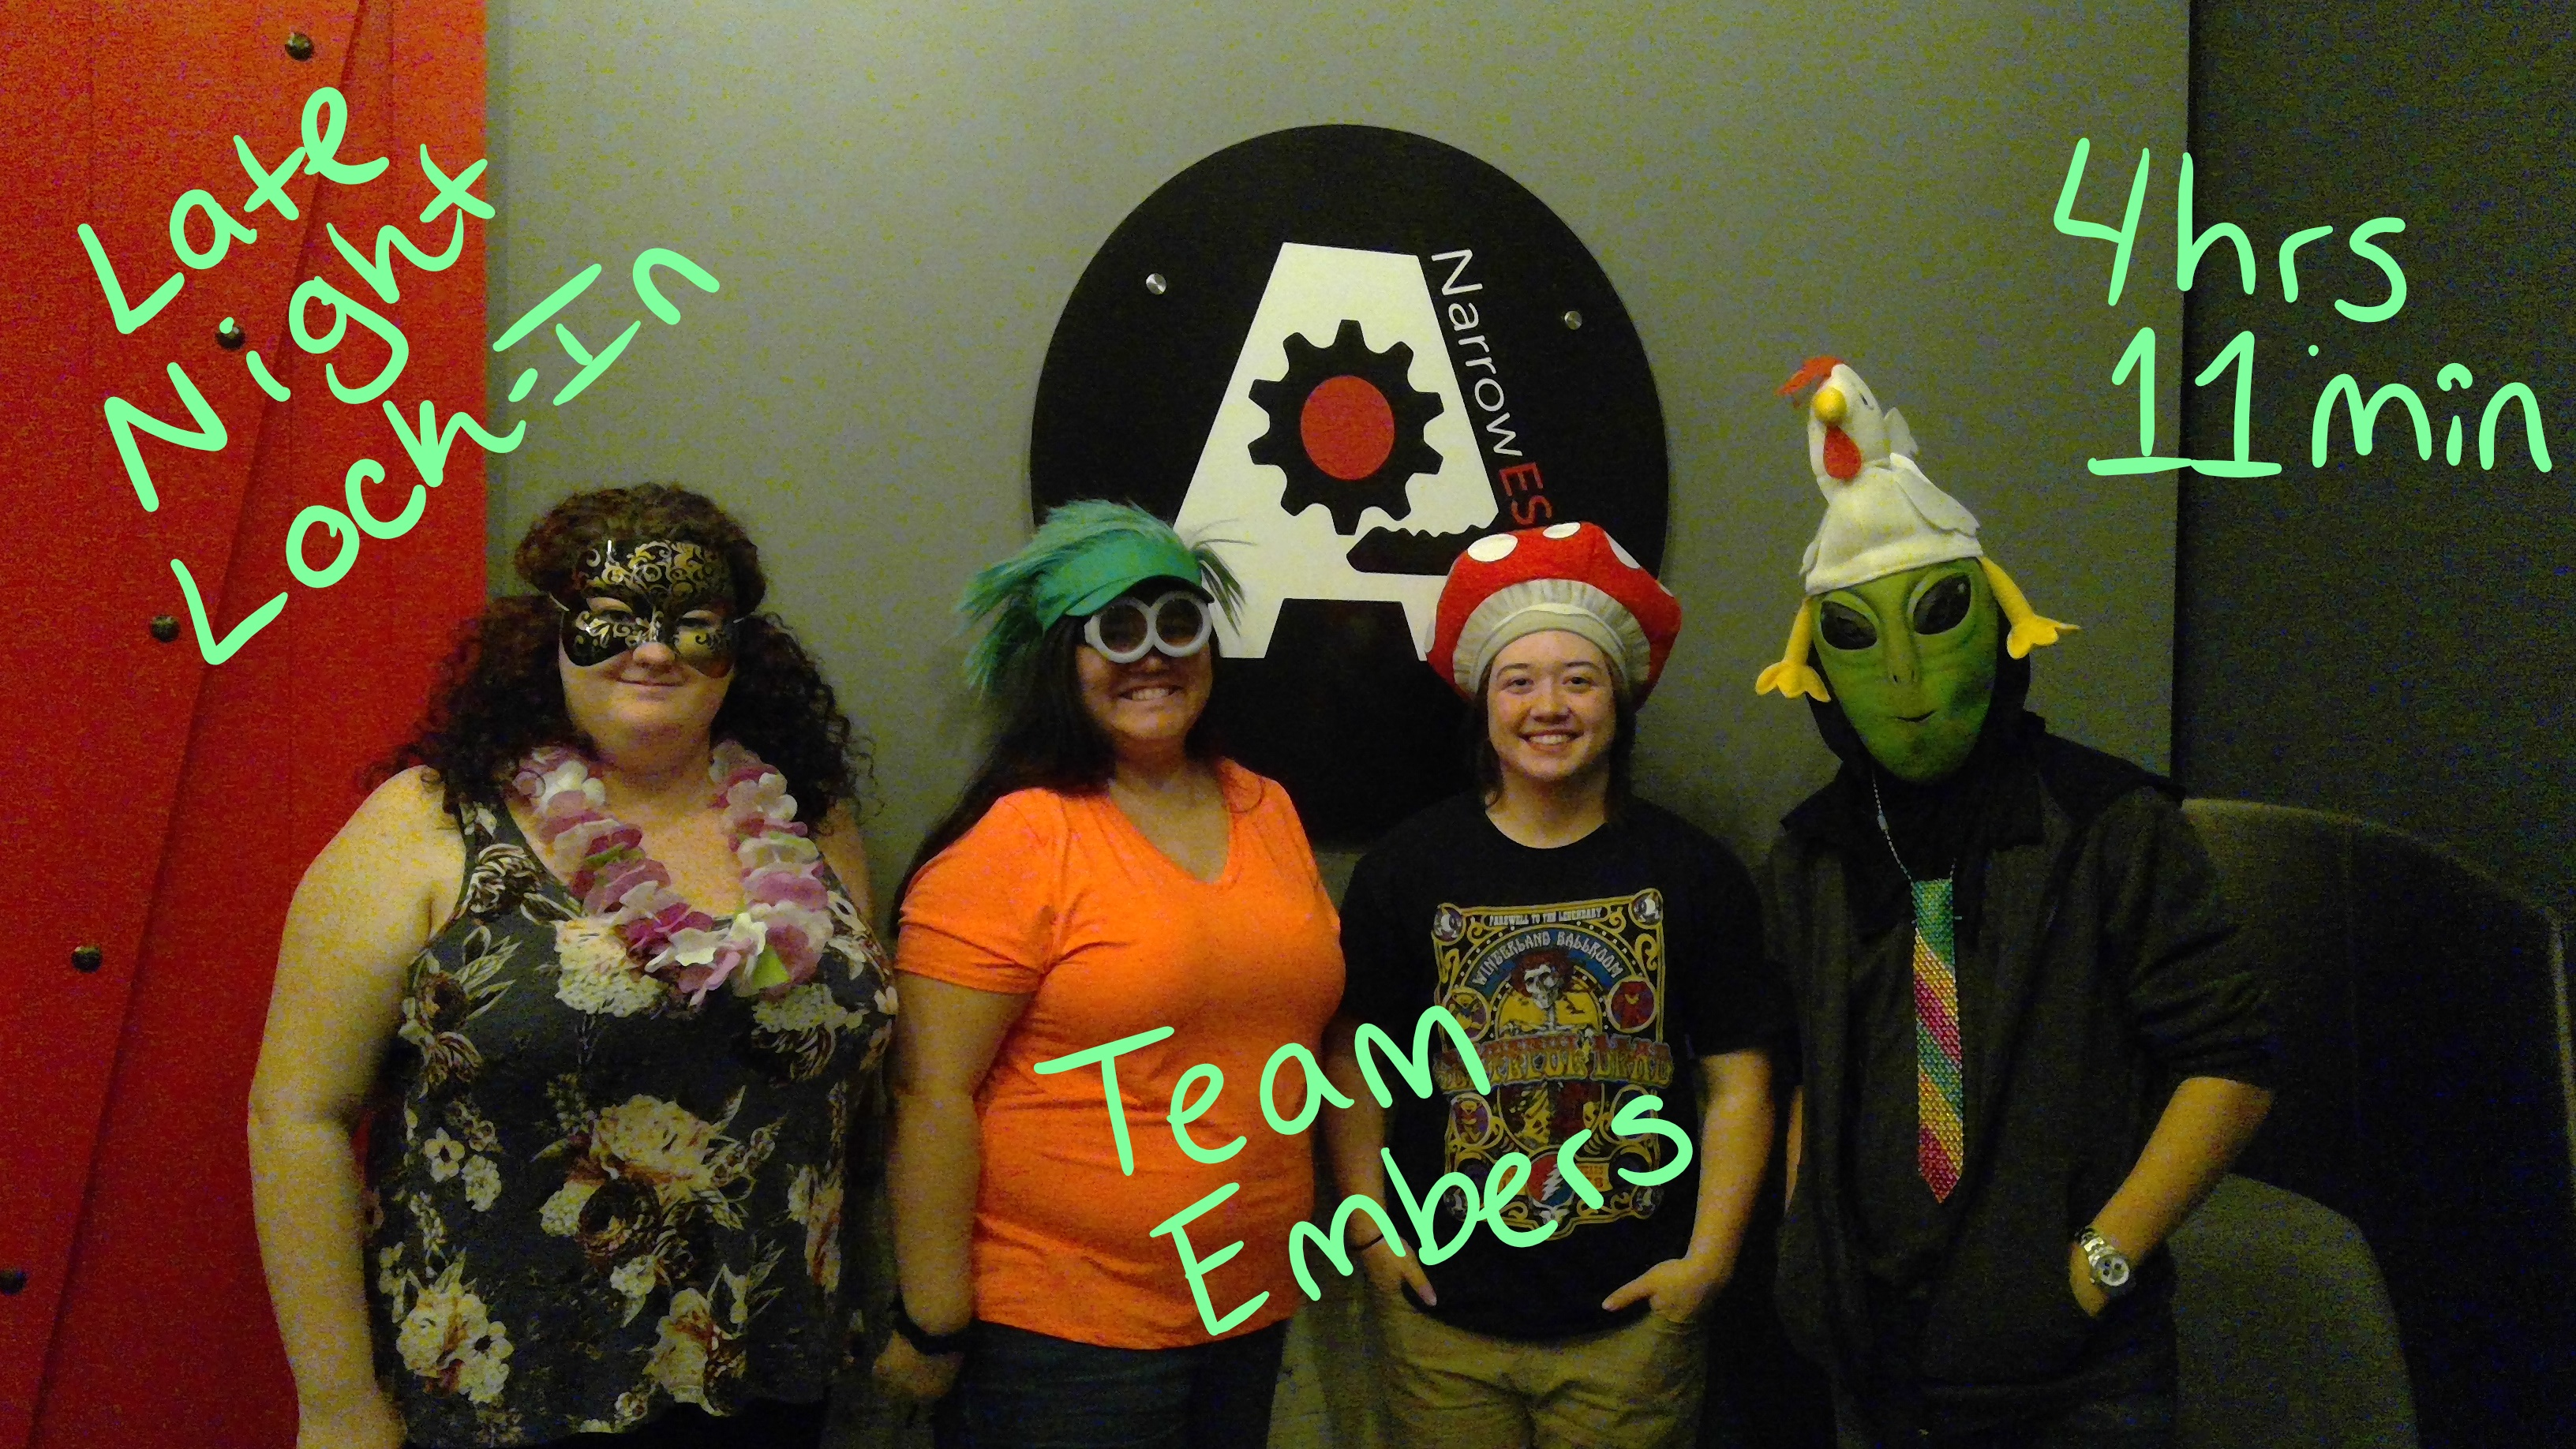 Team Embers